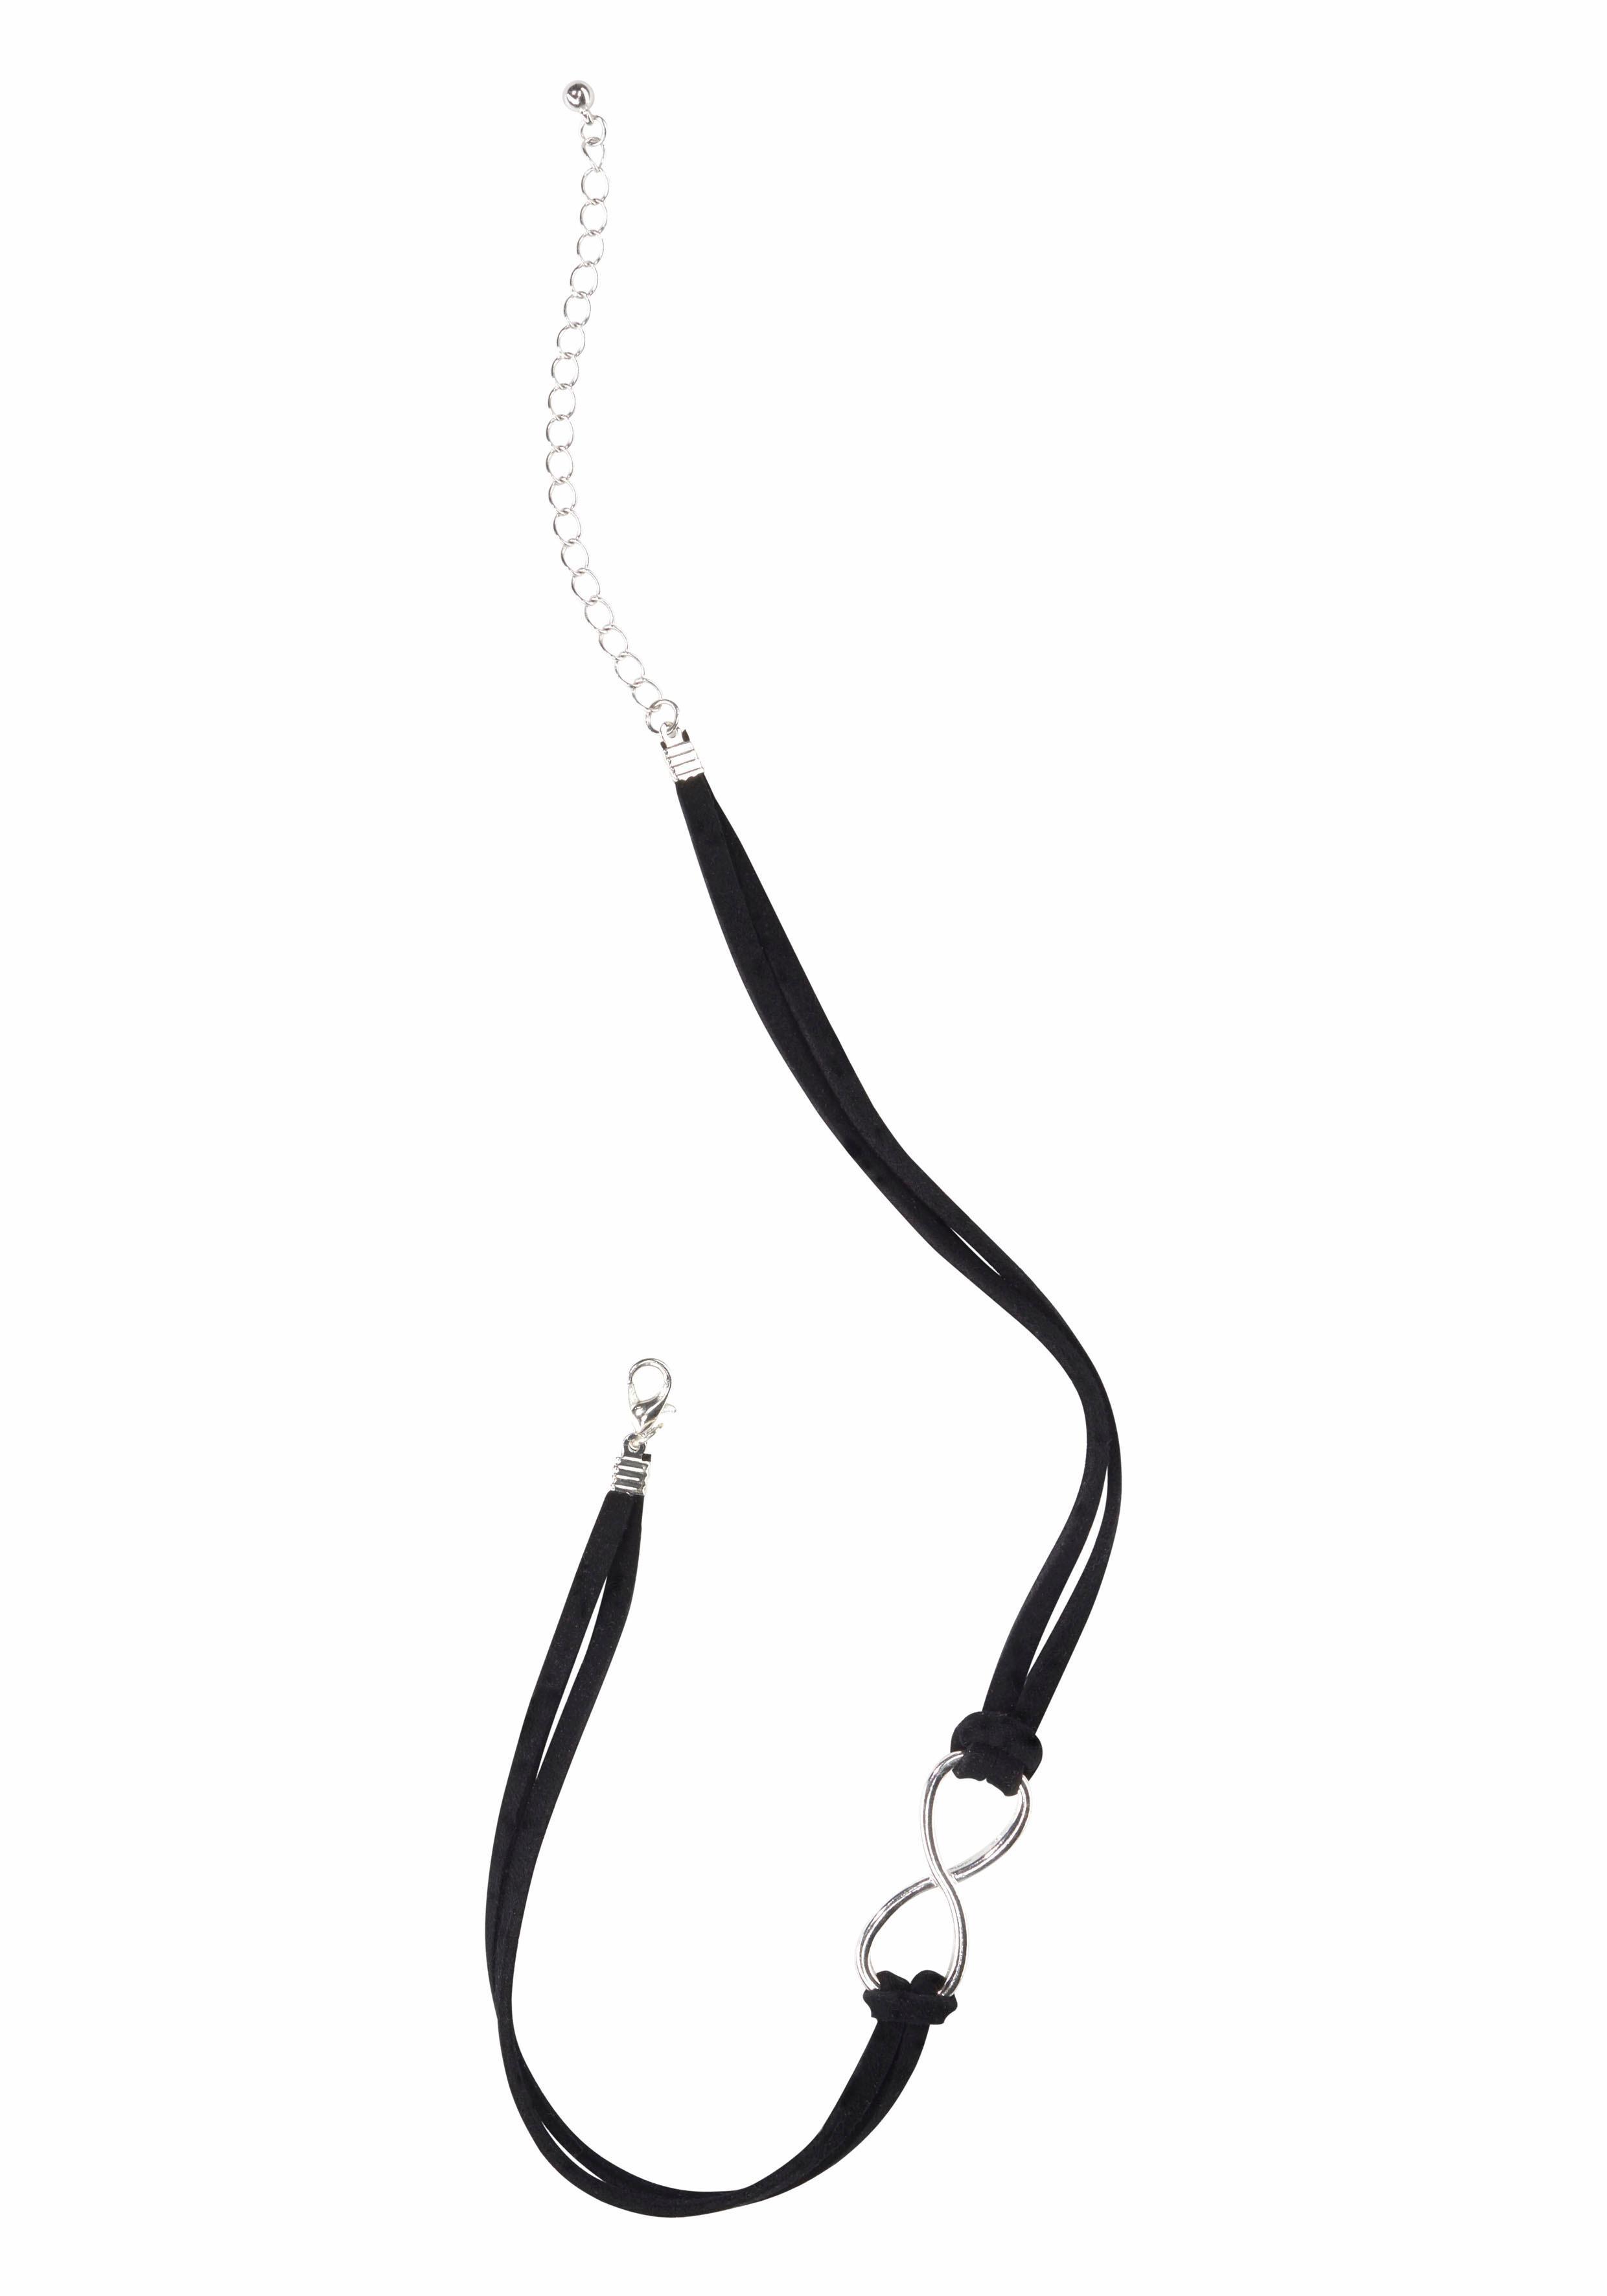 j.jayz -  Halsband Velourcollier schwarz mit Infinity/Unendlichkeits-Zierelement, Choker, (1 tlg.)